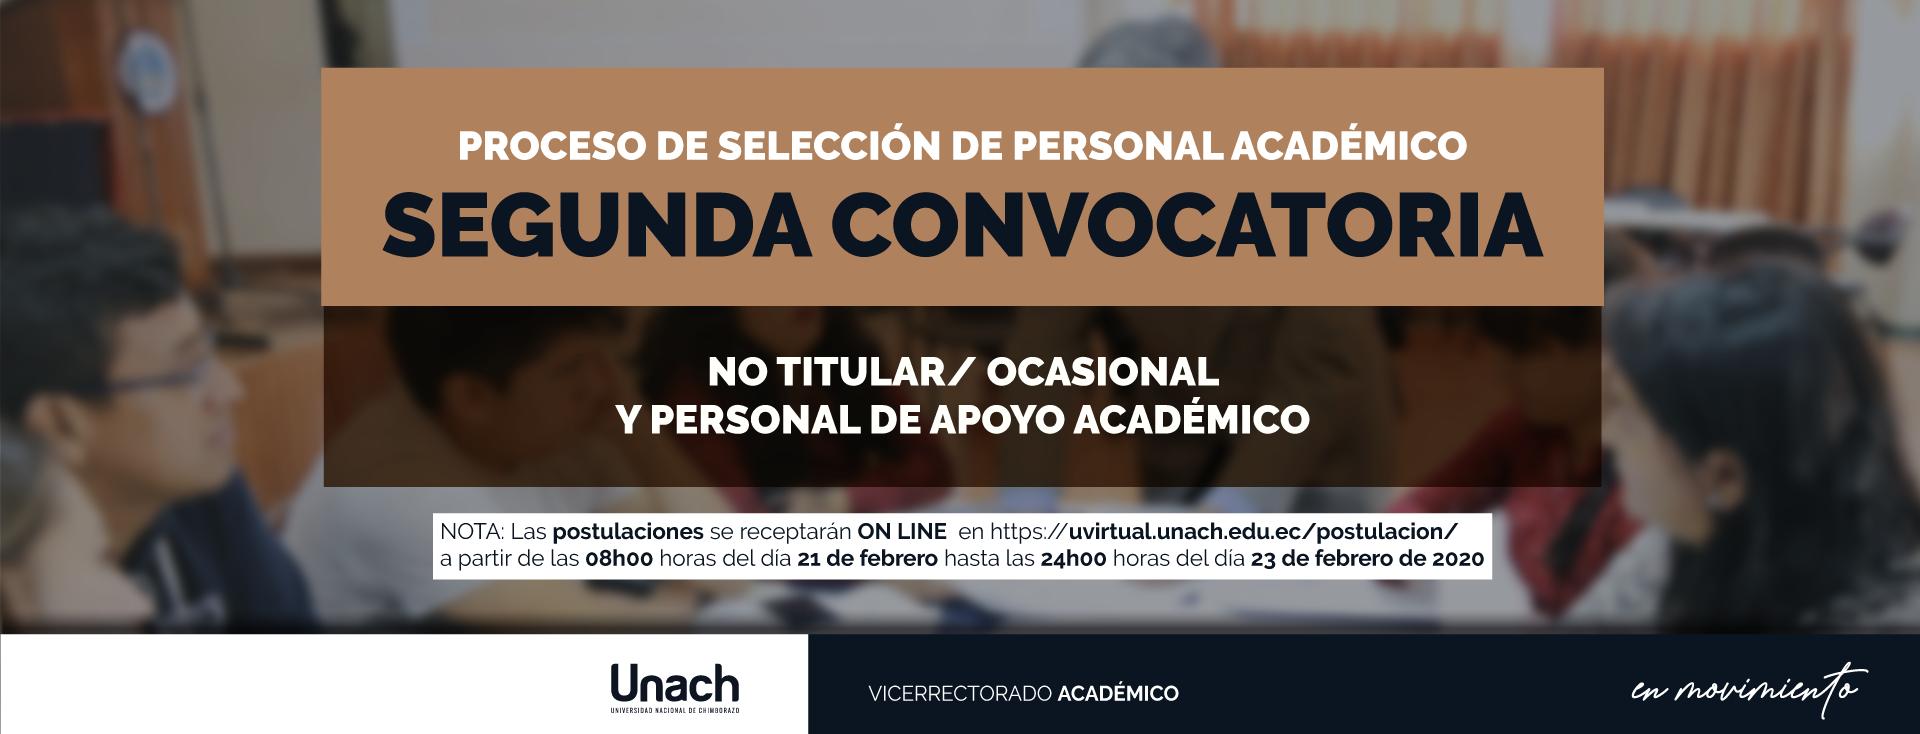 SEGUNDA CONVOCATORIA CONCURSO DE MÉRITOS Y OPOSICIÓN CARGOS PARA REGIMEN LOSEP